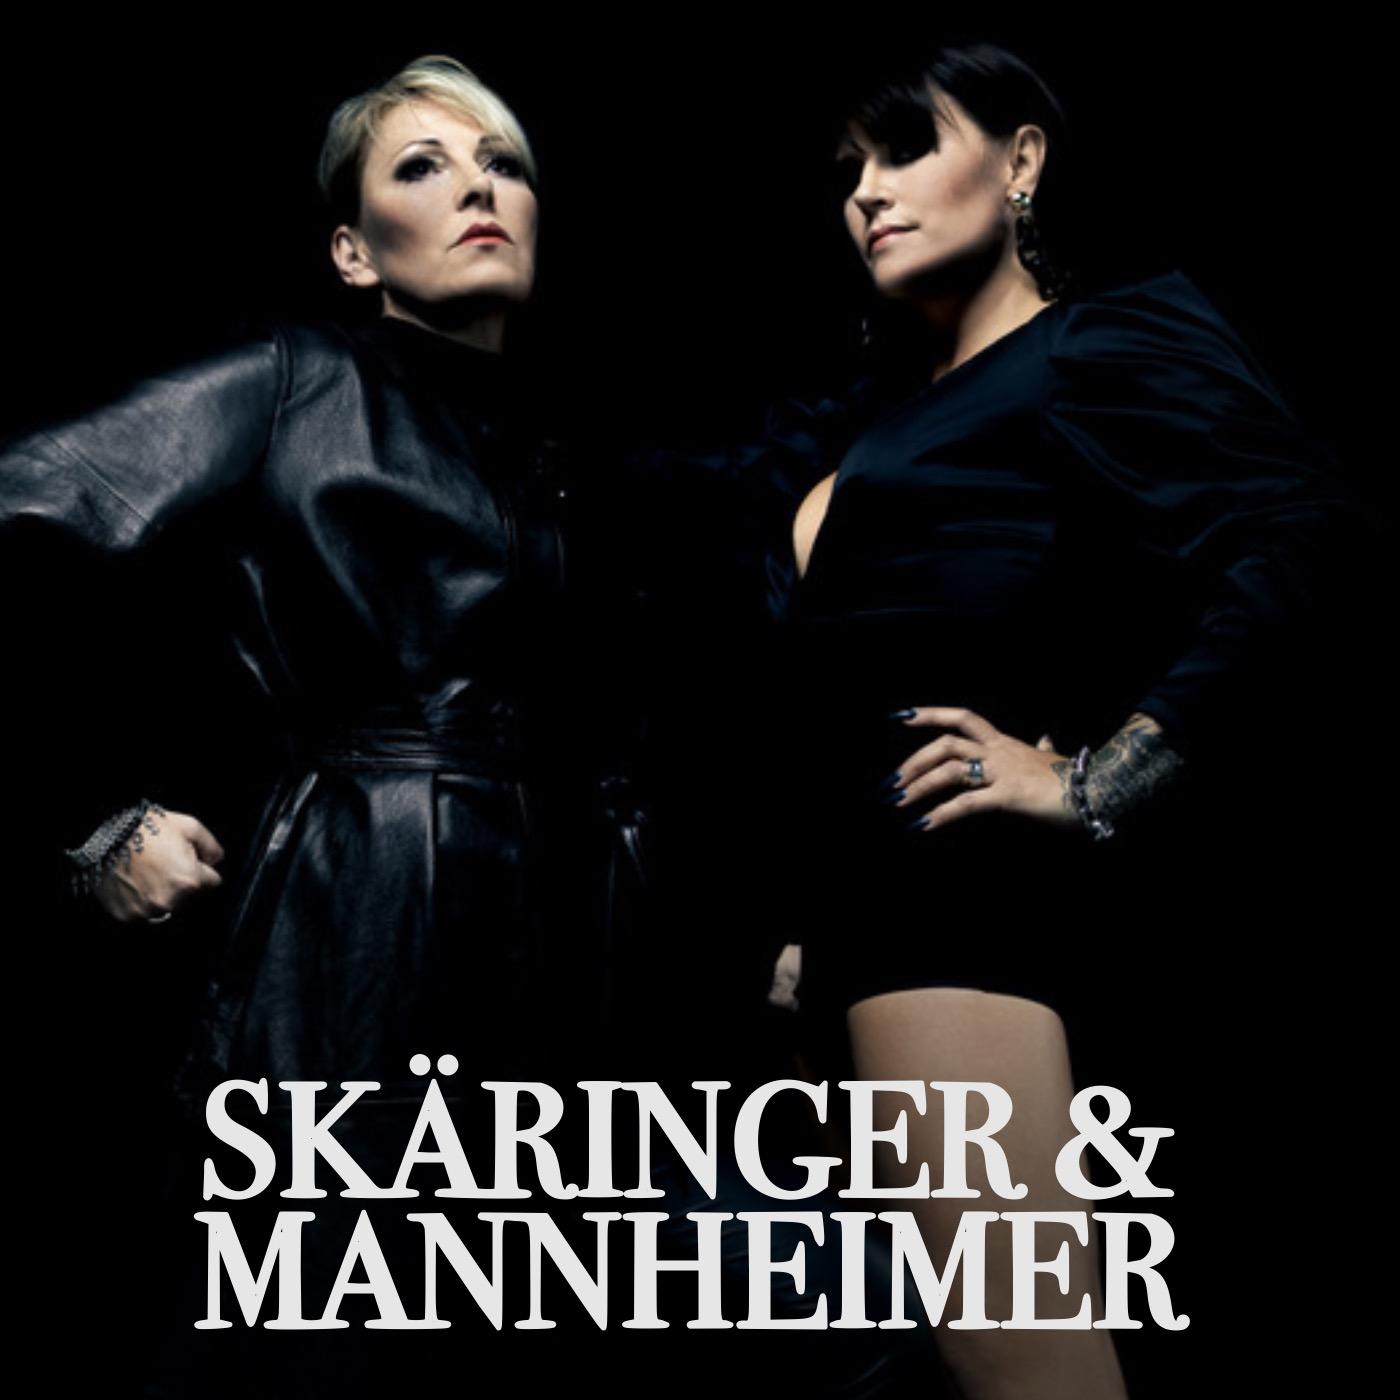 Skäringer & Mannheimer show art